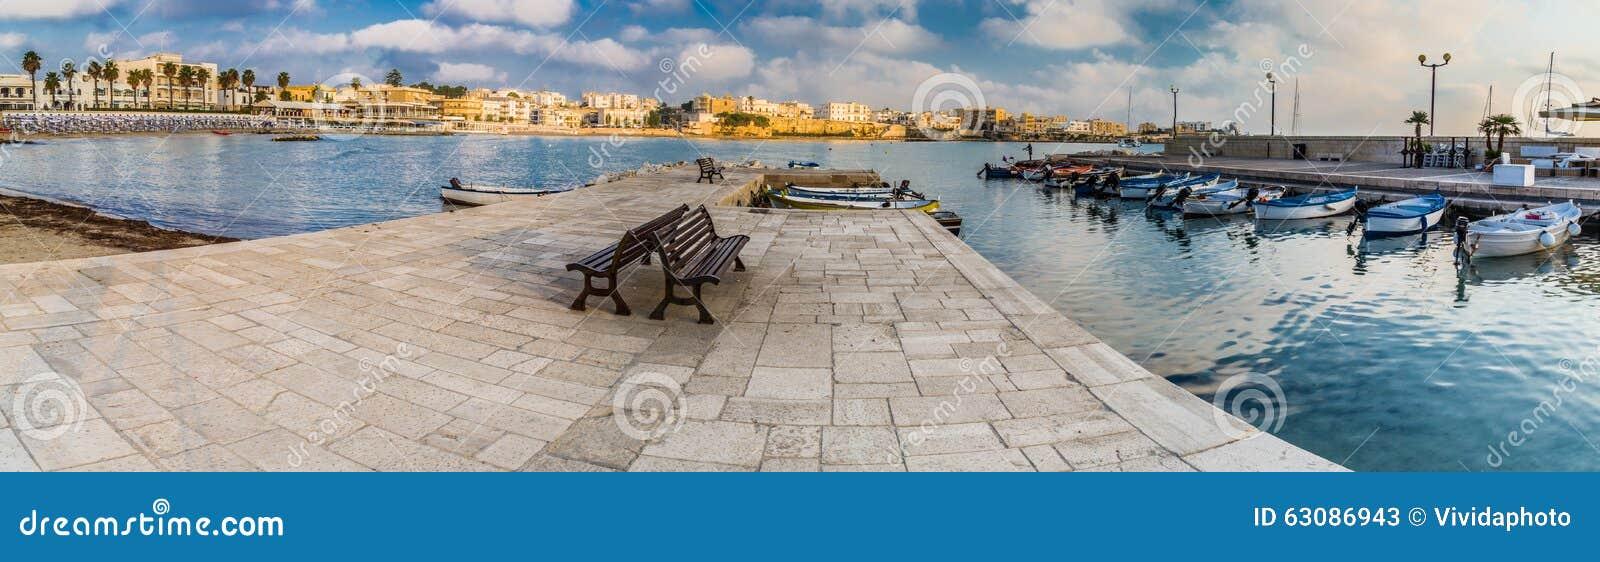 Download Baie sur la Mer Adriatique image stock. Image du quai - 63086943